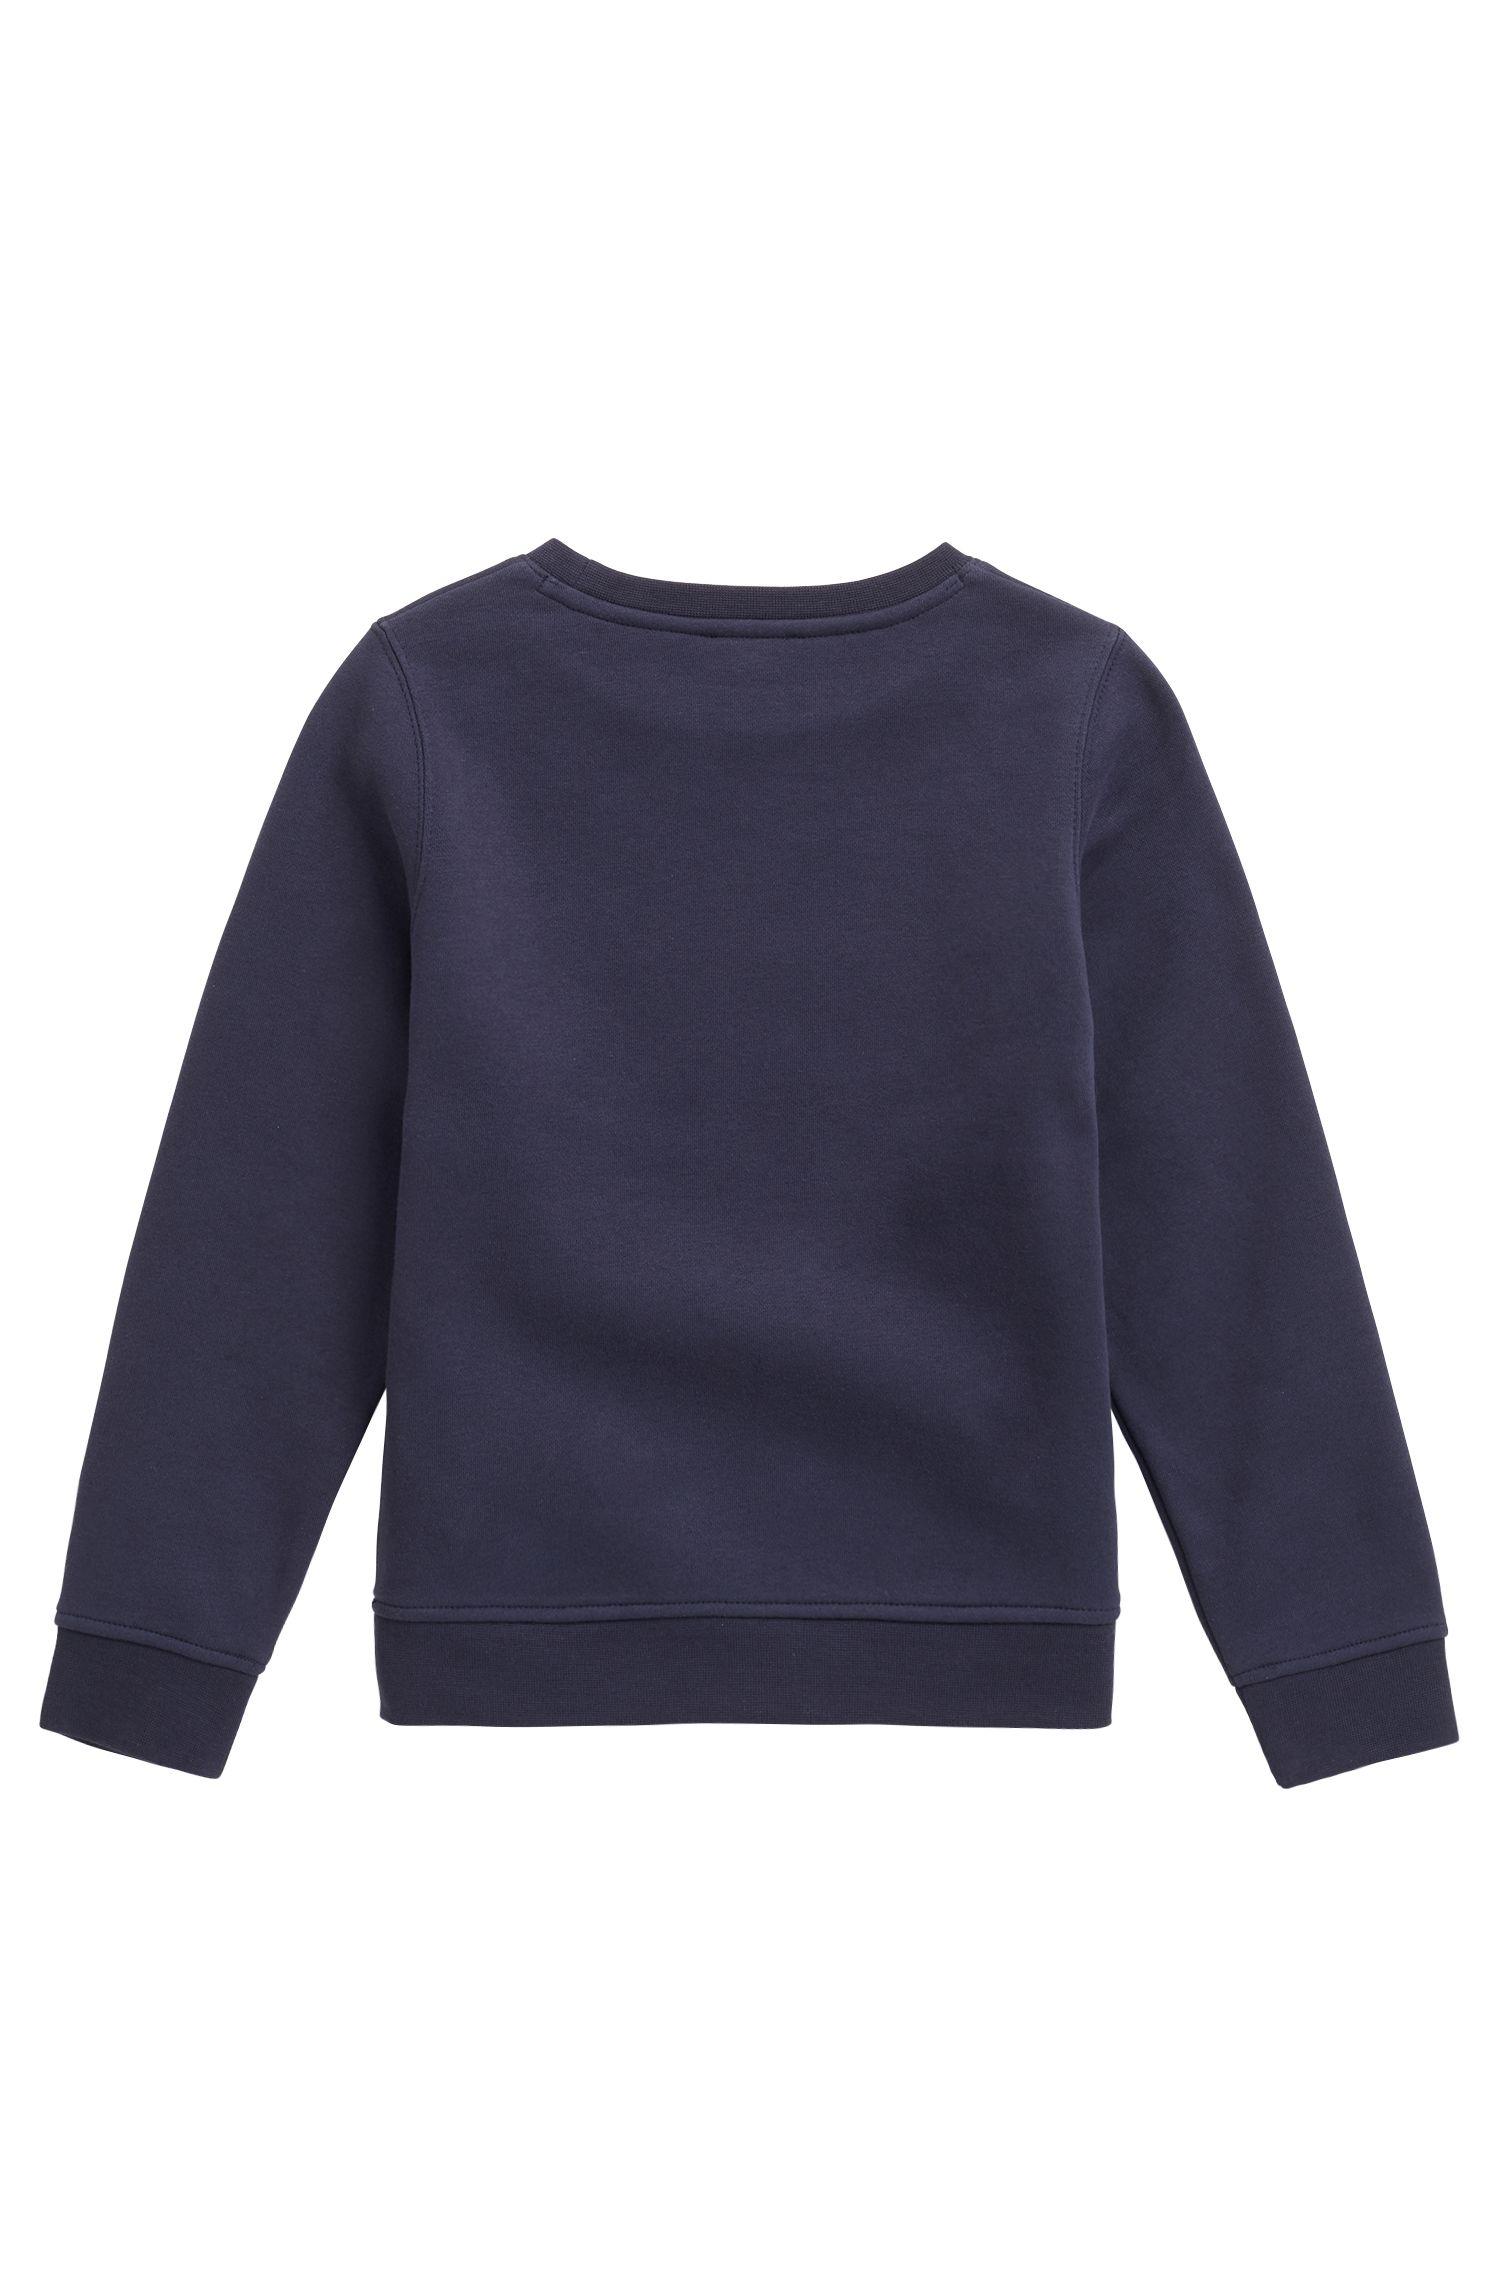 Sweat pour enfant en coton mélangé avec logo brodé, Bleu foncé